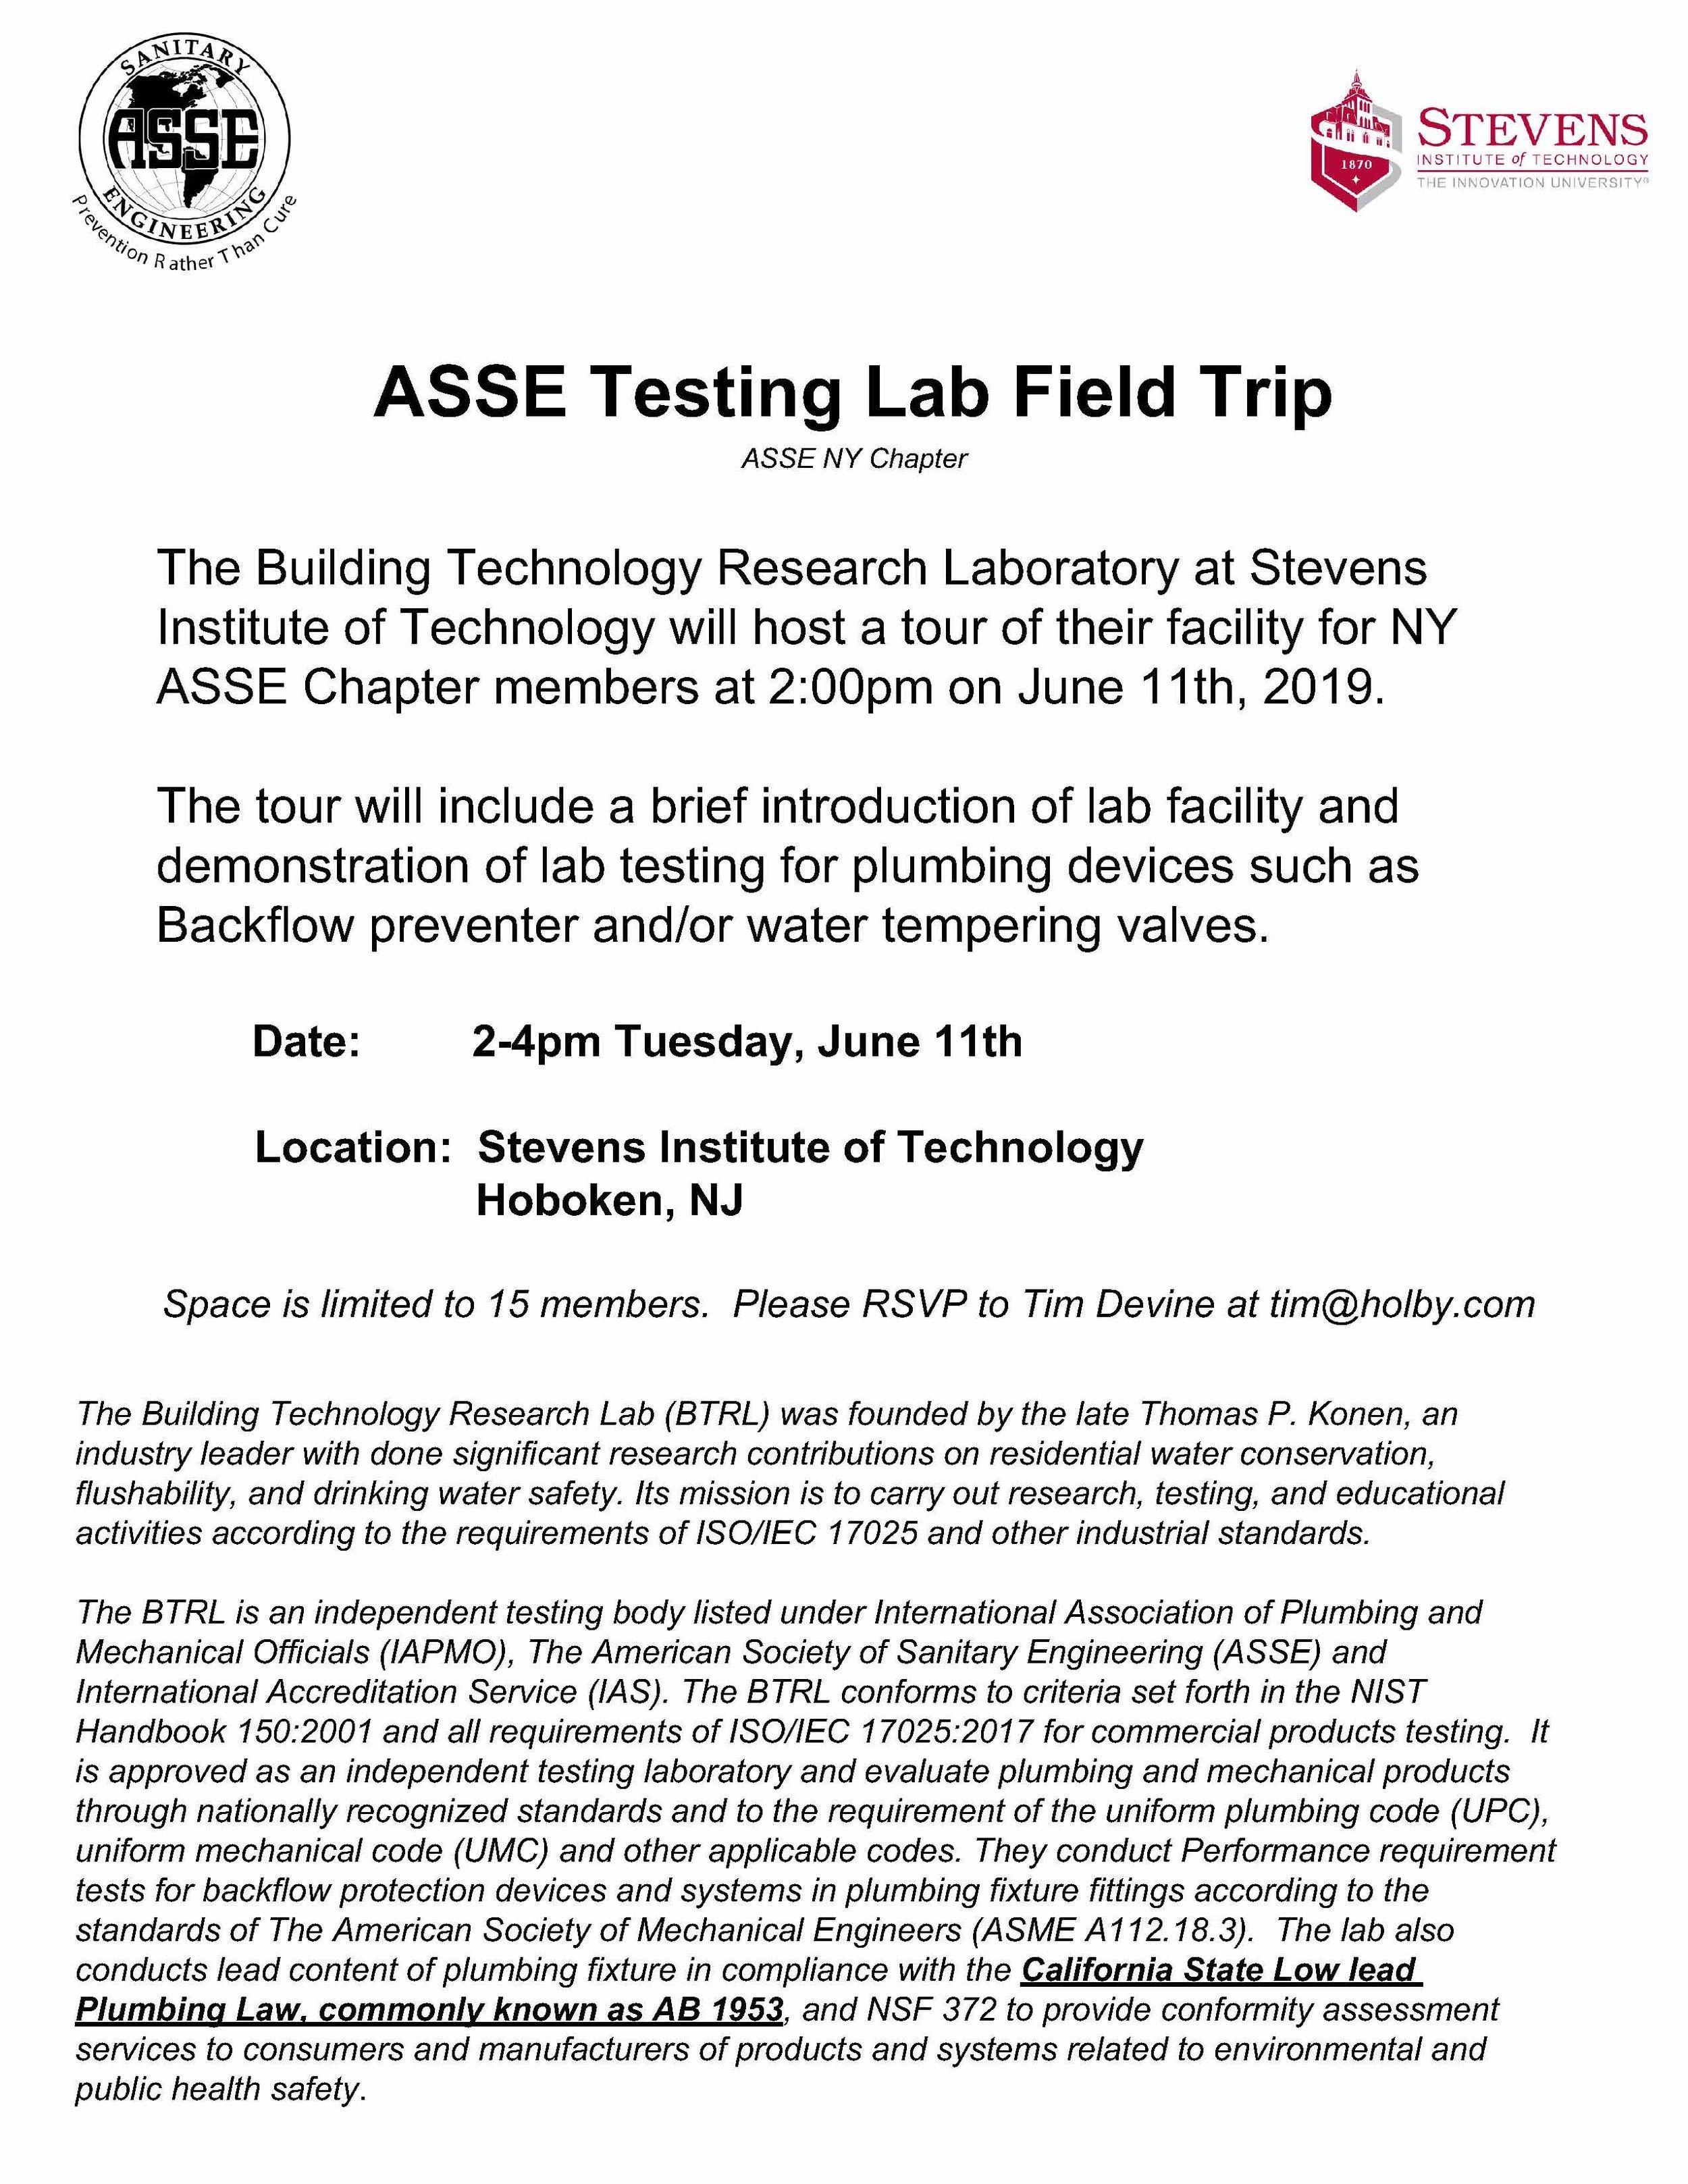 2019 ASSE Field Trip Flyer - ASSE Lab Rev1.jpg